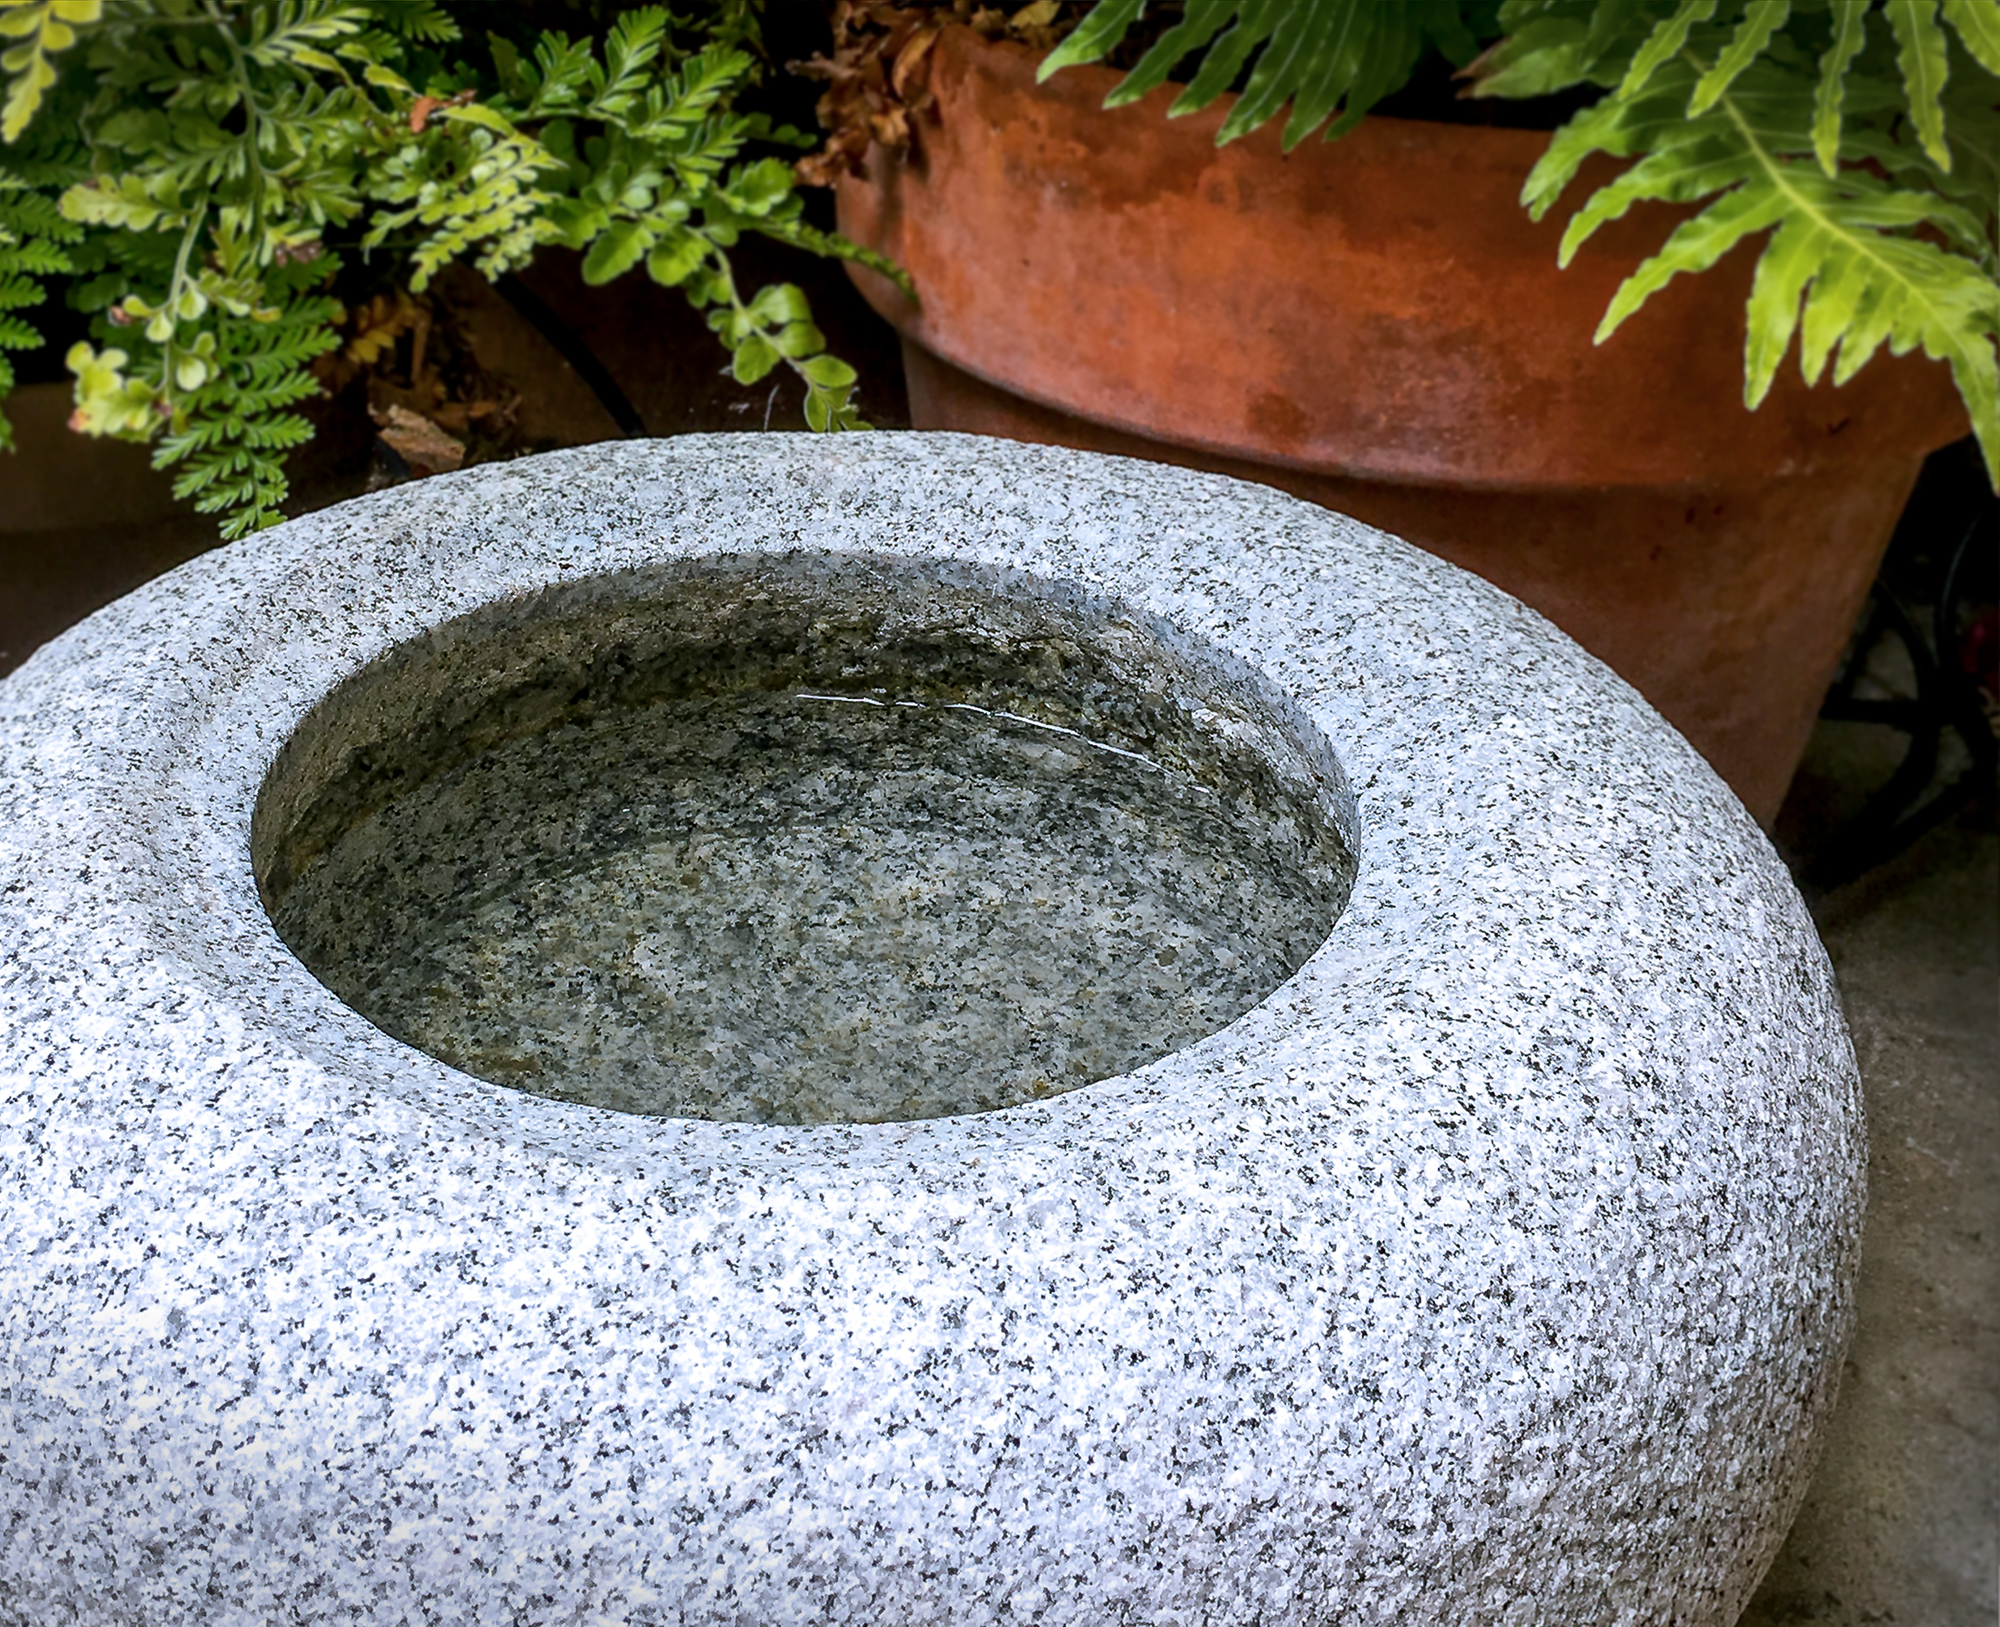 granite_bowl_vignette_4714.jpg